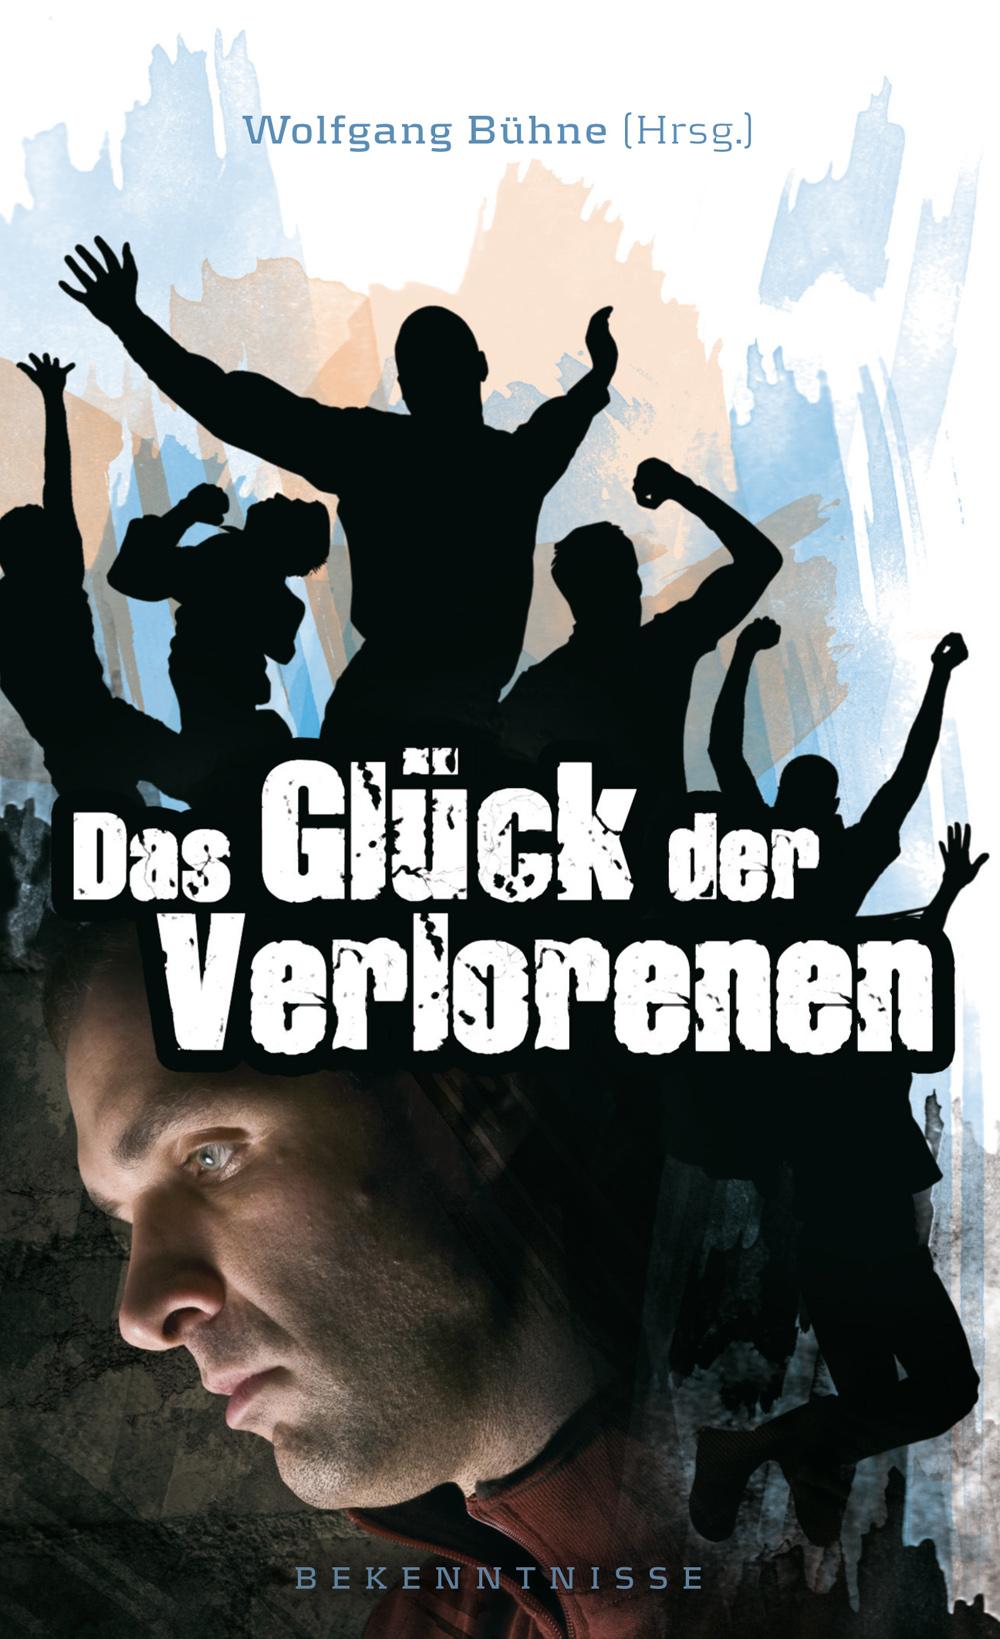 CLV_e-book-das-glueck-der-verlorenen_wolfgang-buehne_256810_1